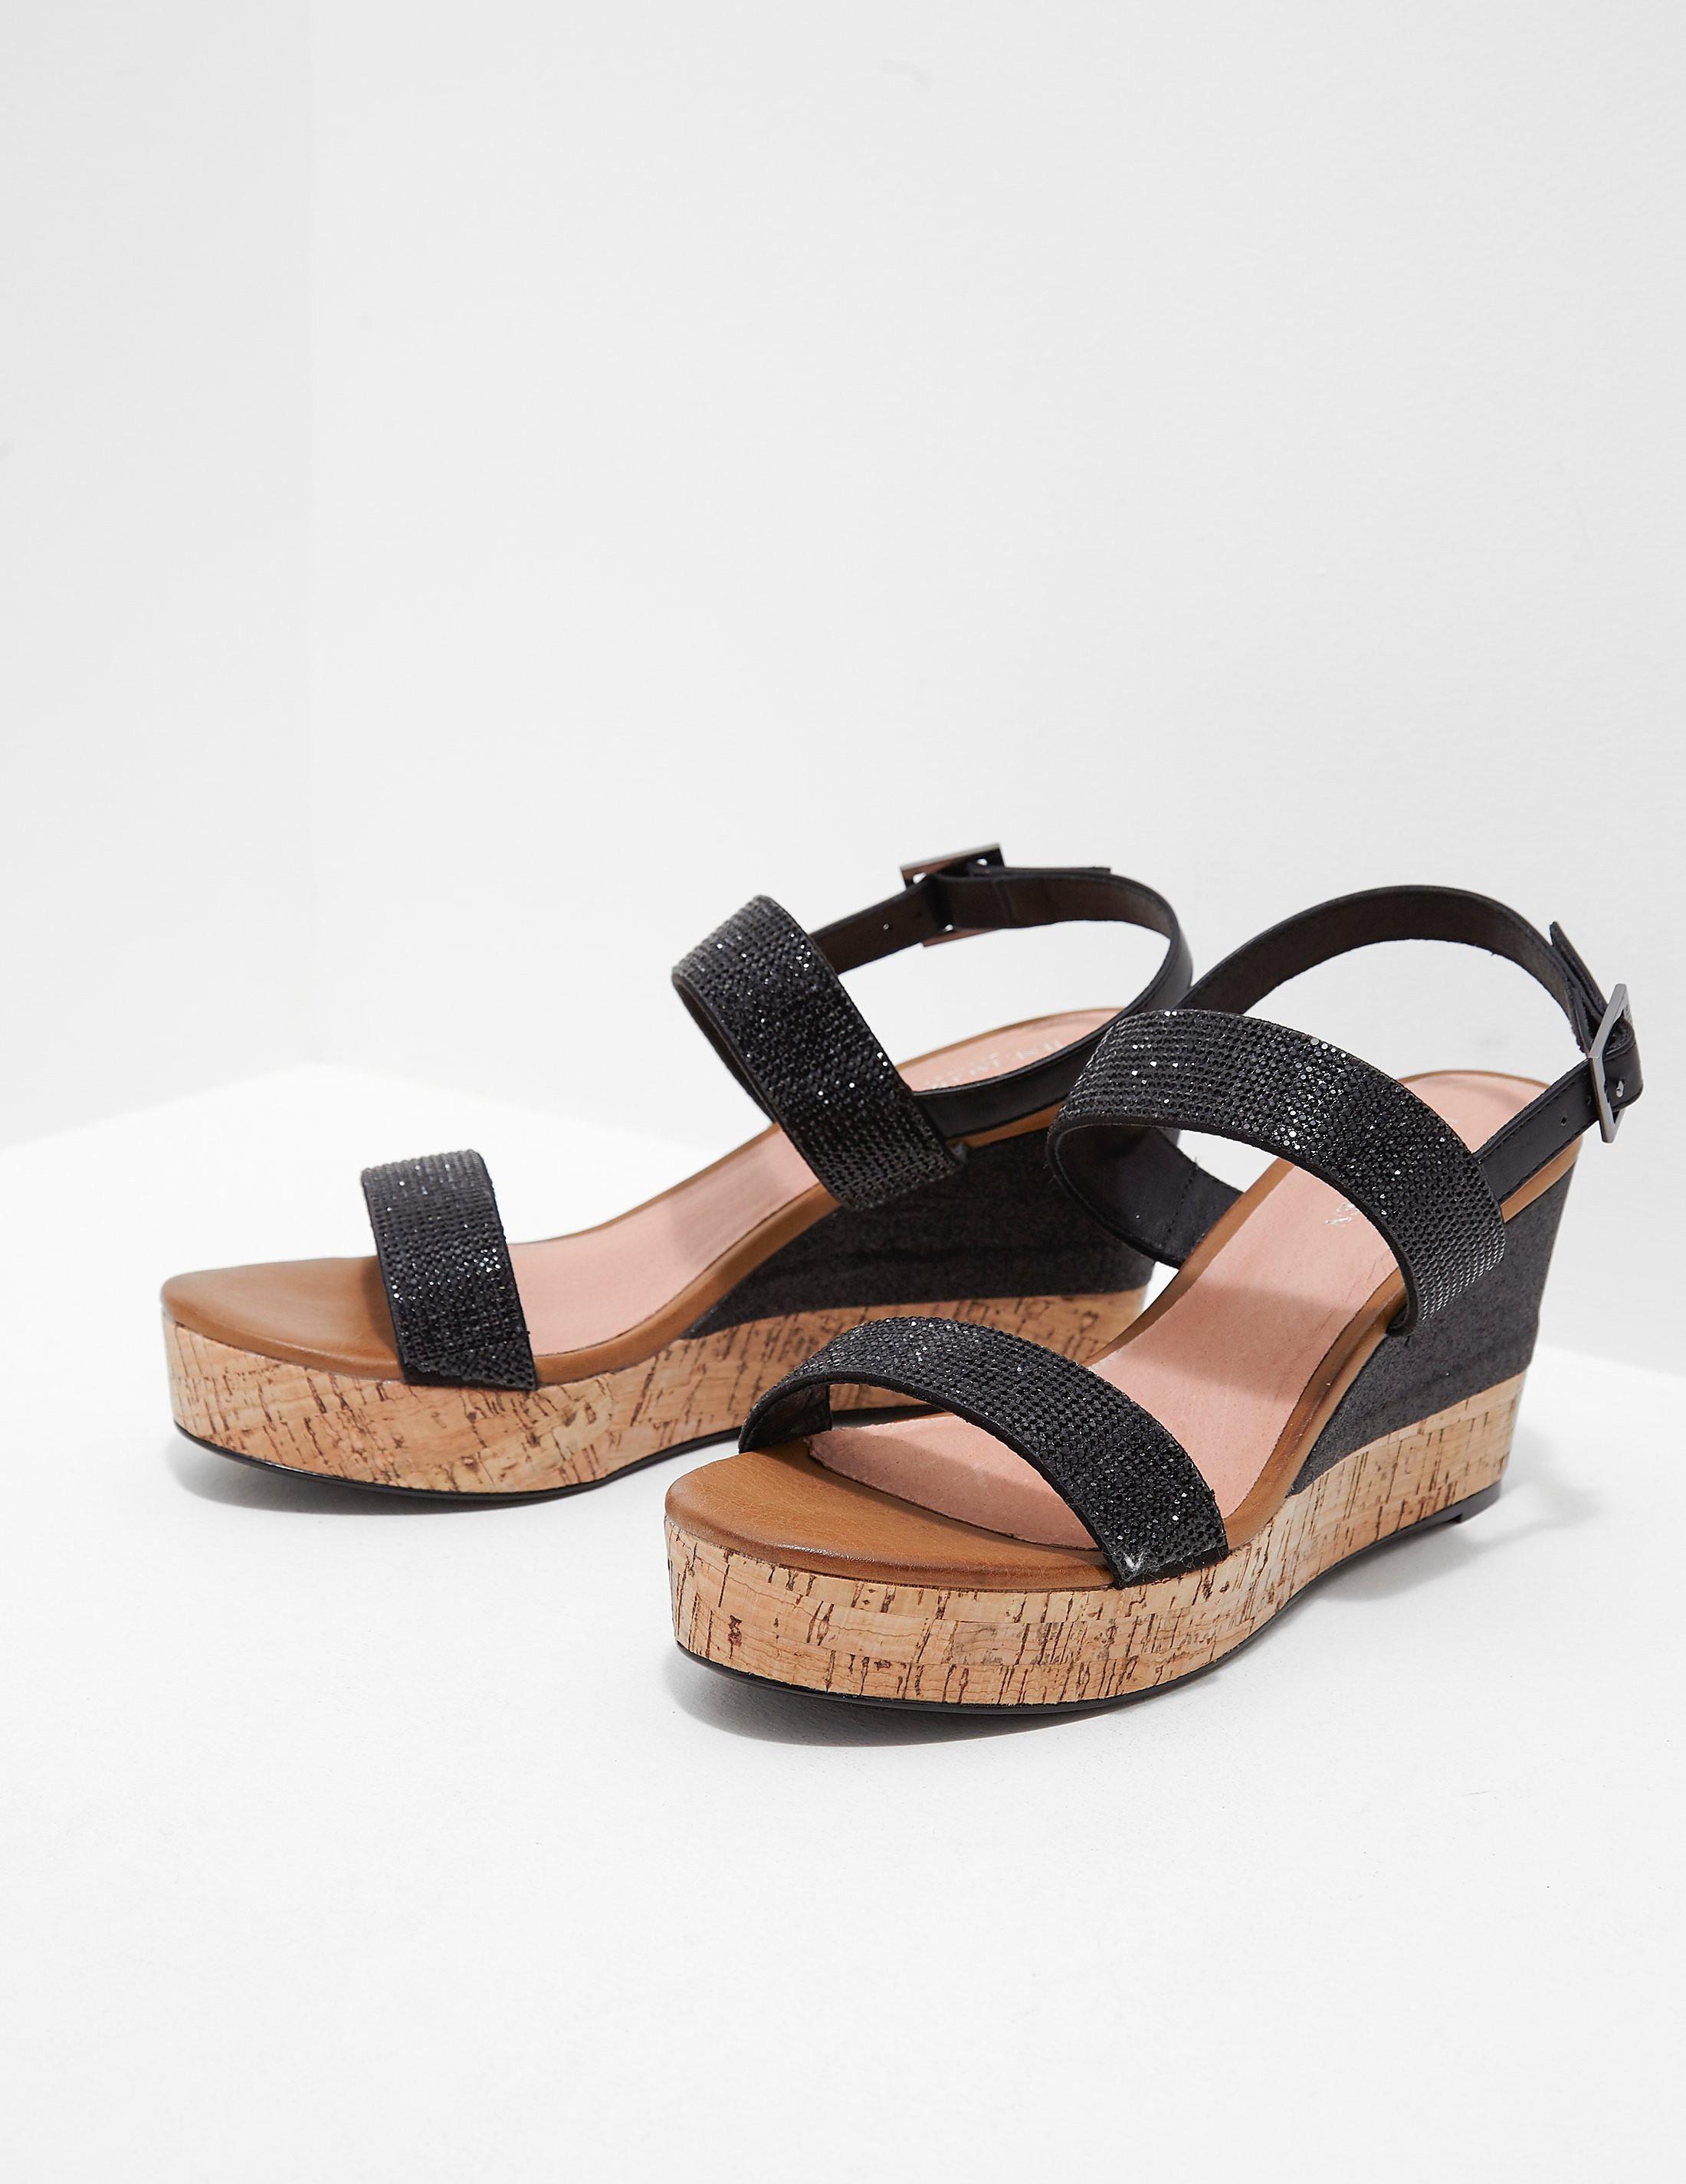 Ilse Jacobsen Poppy Diamante Wedge Sandals